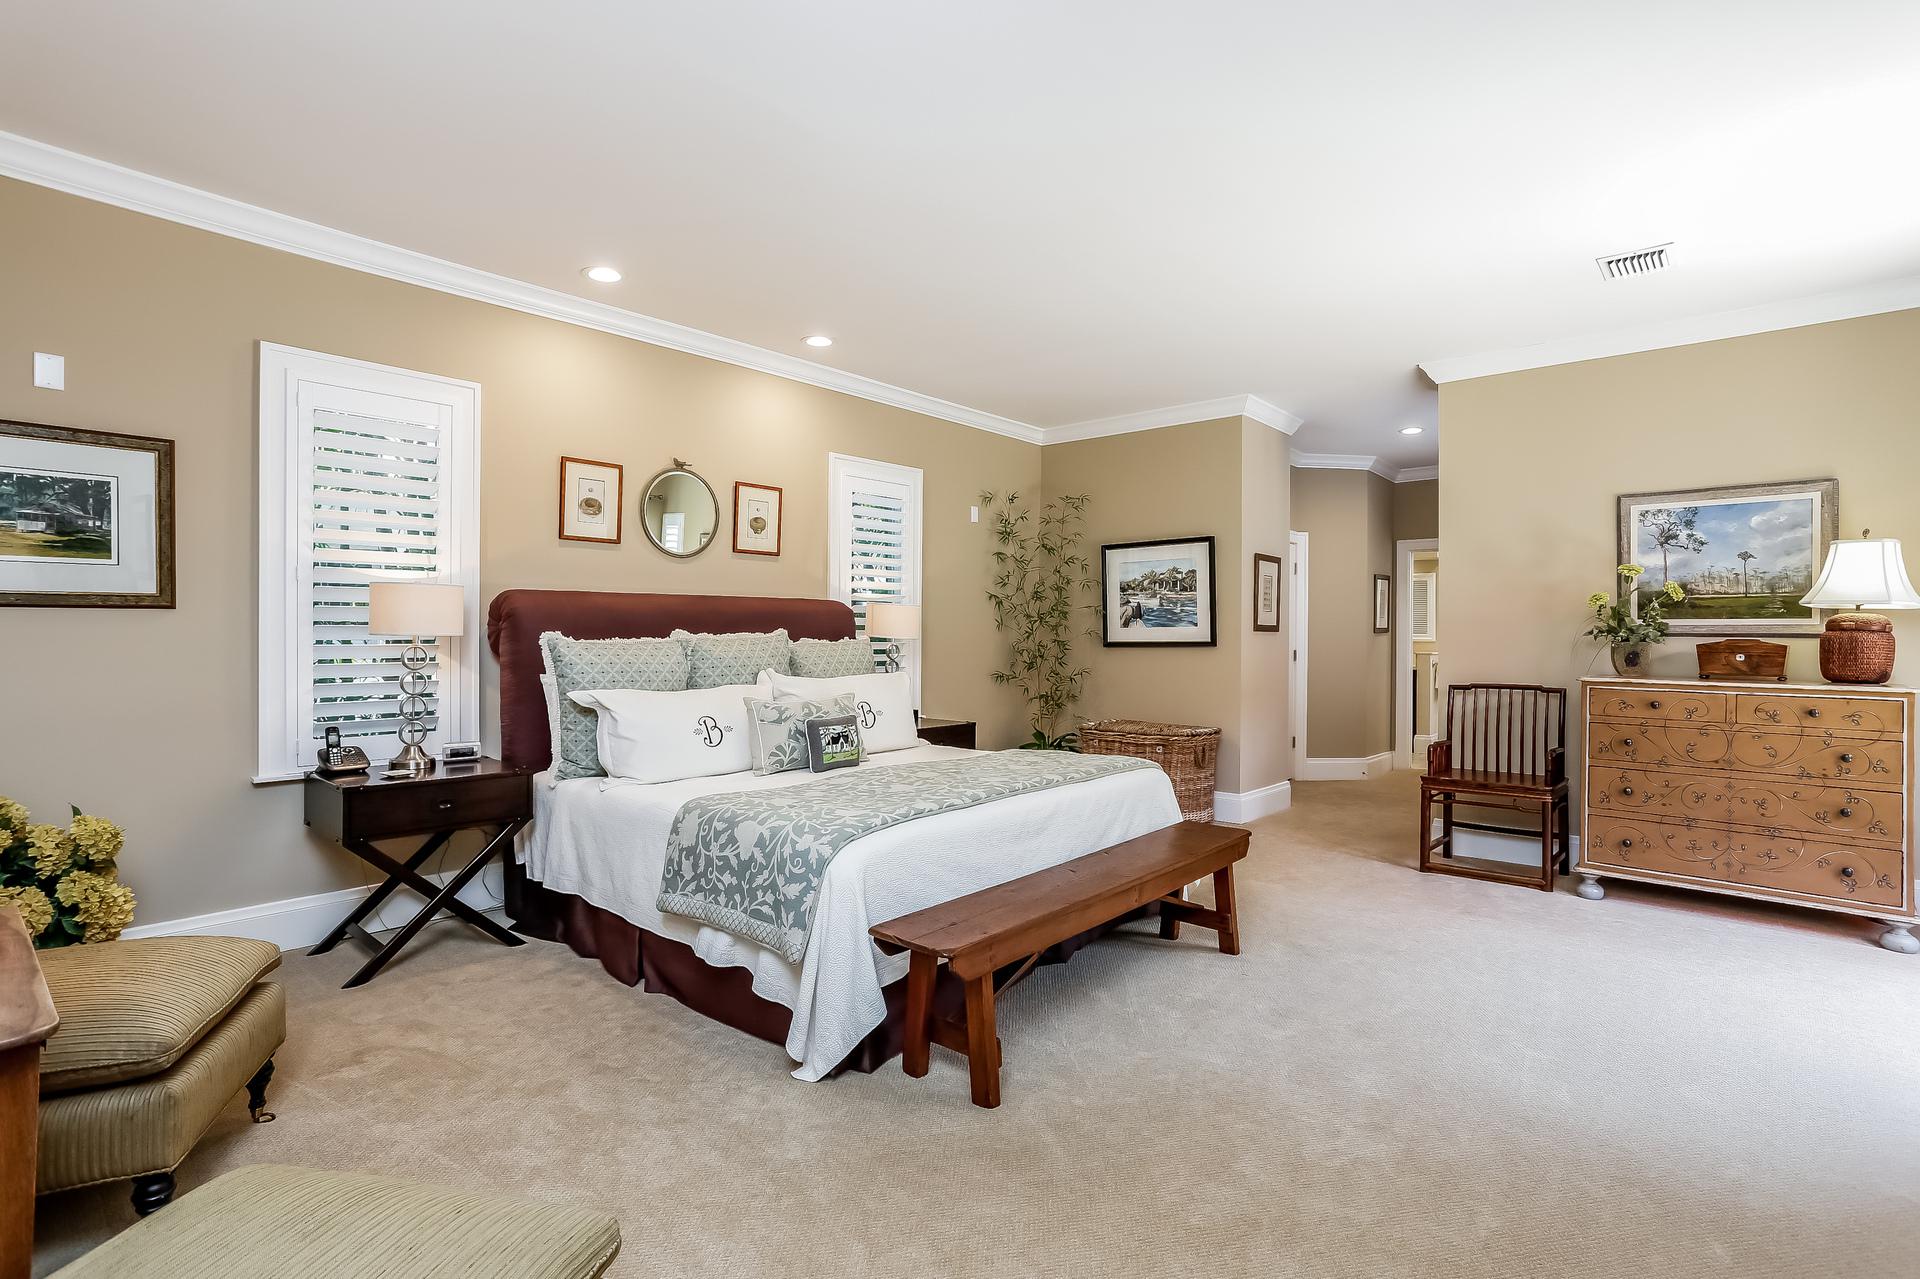 021-Master_Bedroom-2647588-medium.jpg